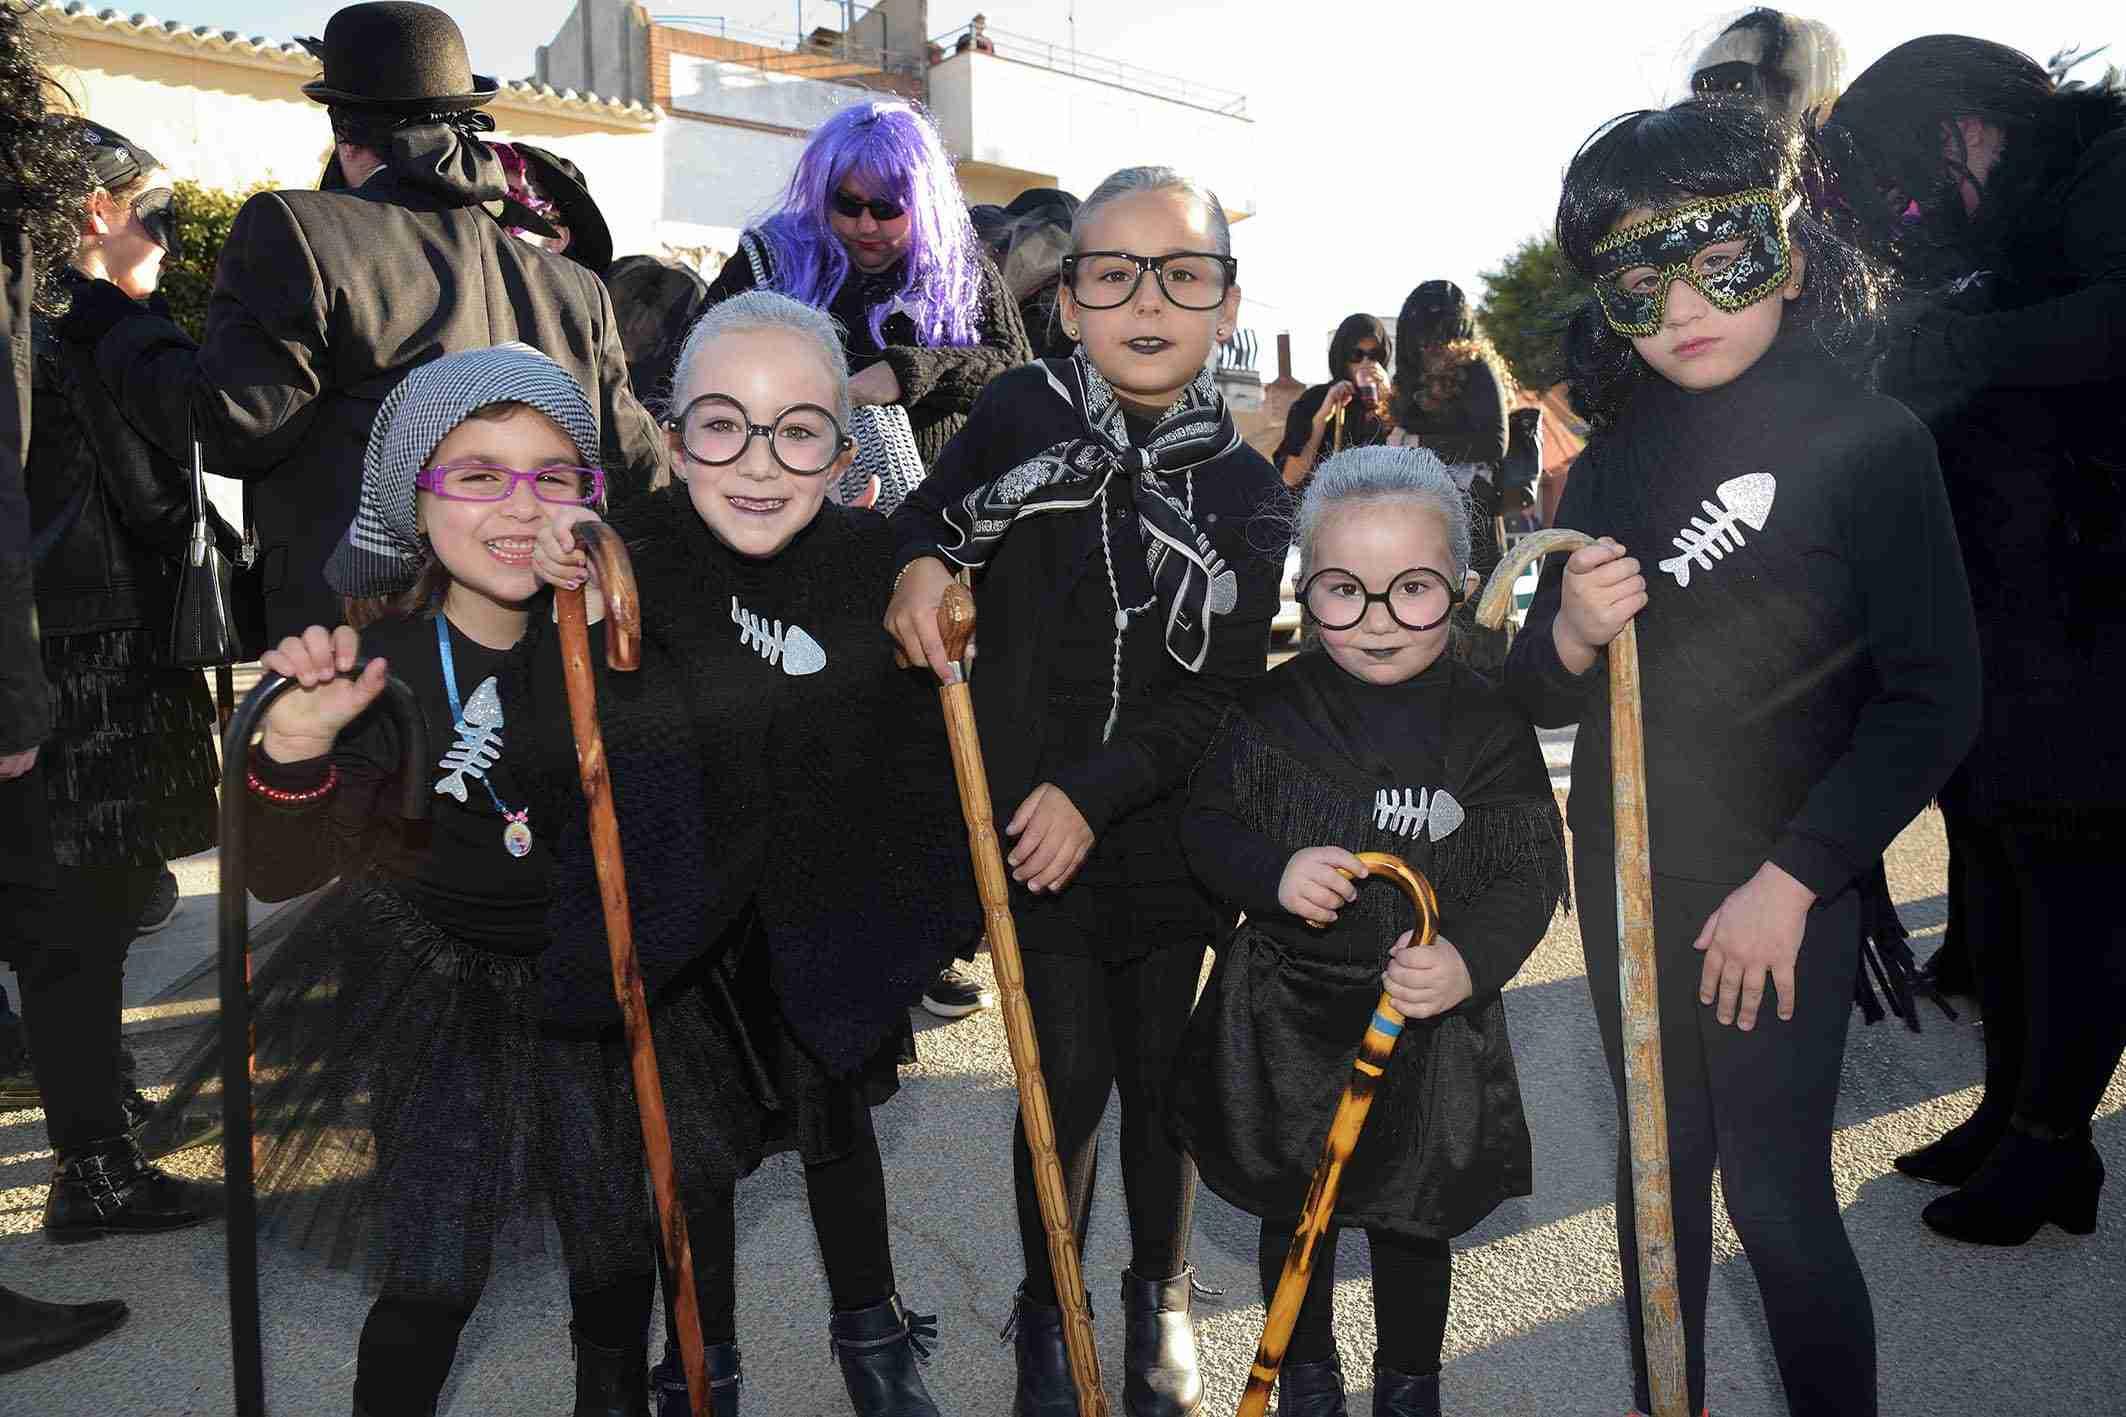 Argamasilla de Alba despide el Carnaval 2020 con el entierro de la sardina 20